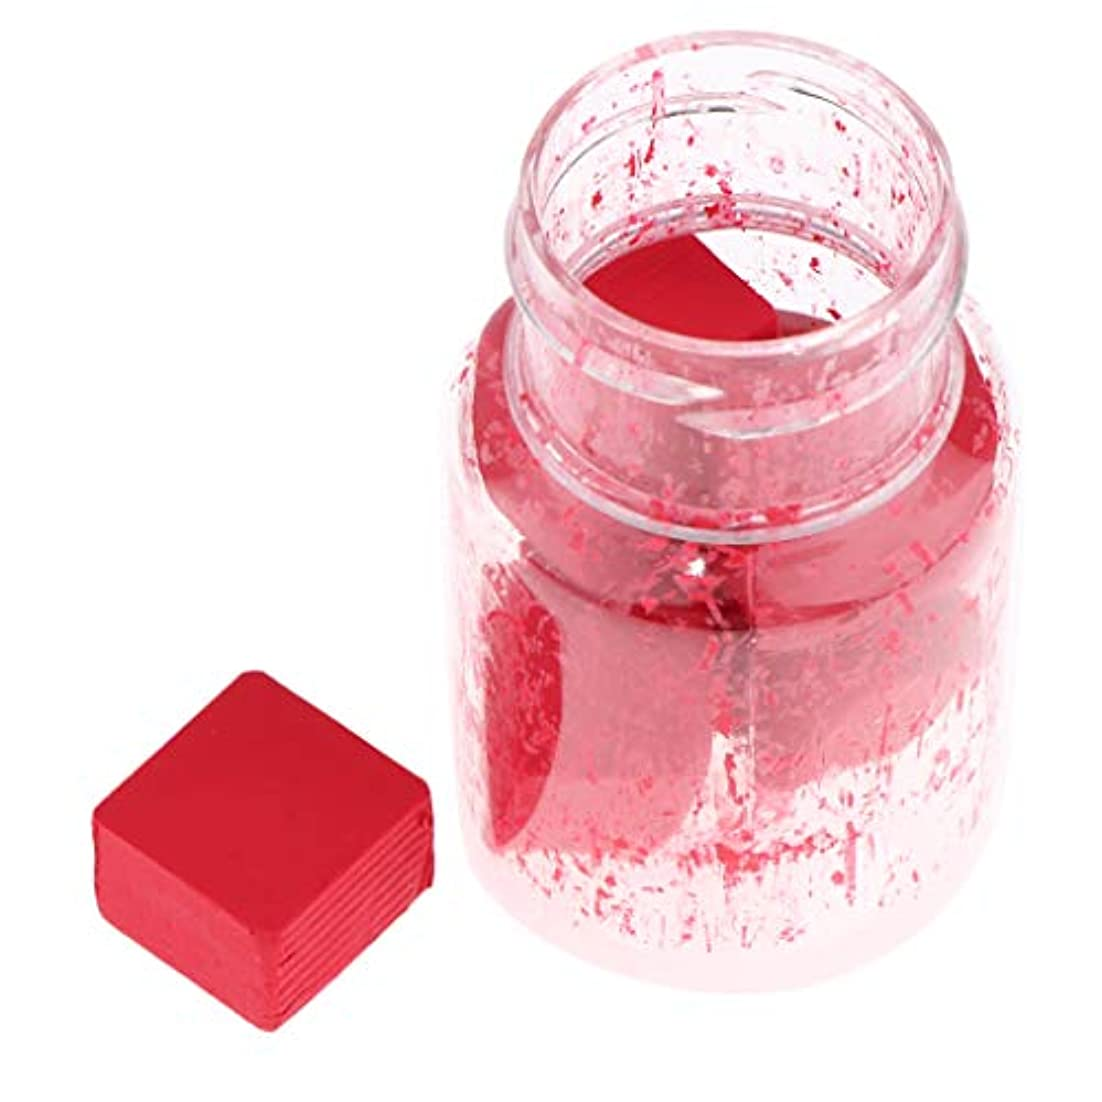 激怒絶滅縫うDIY 口紅作り リップスティック材料 リップライナー顔料 2g DIY化粧品 9色選択でき - B